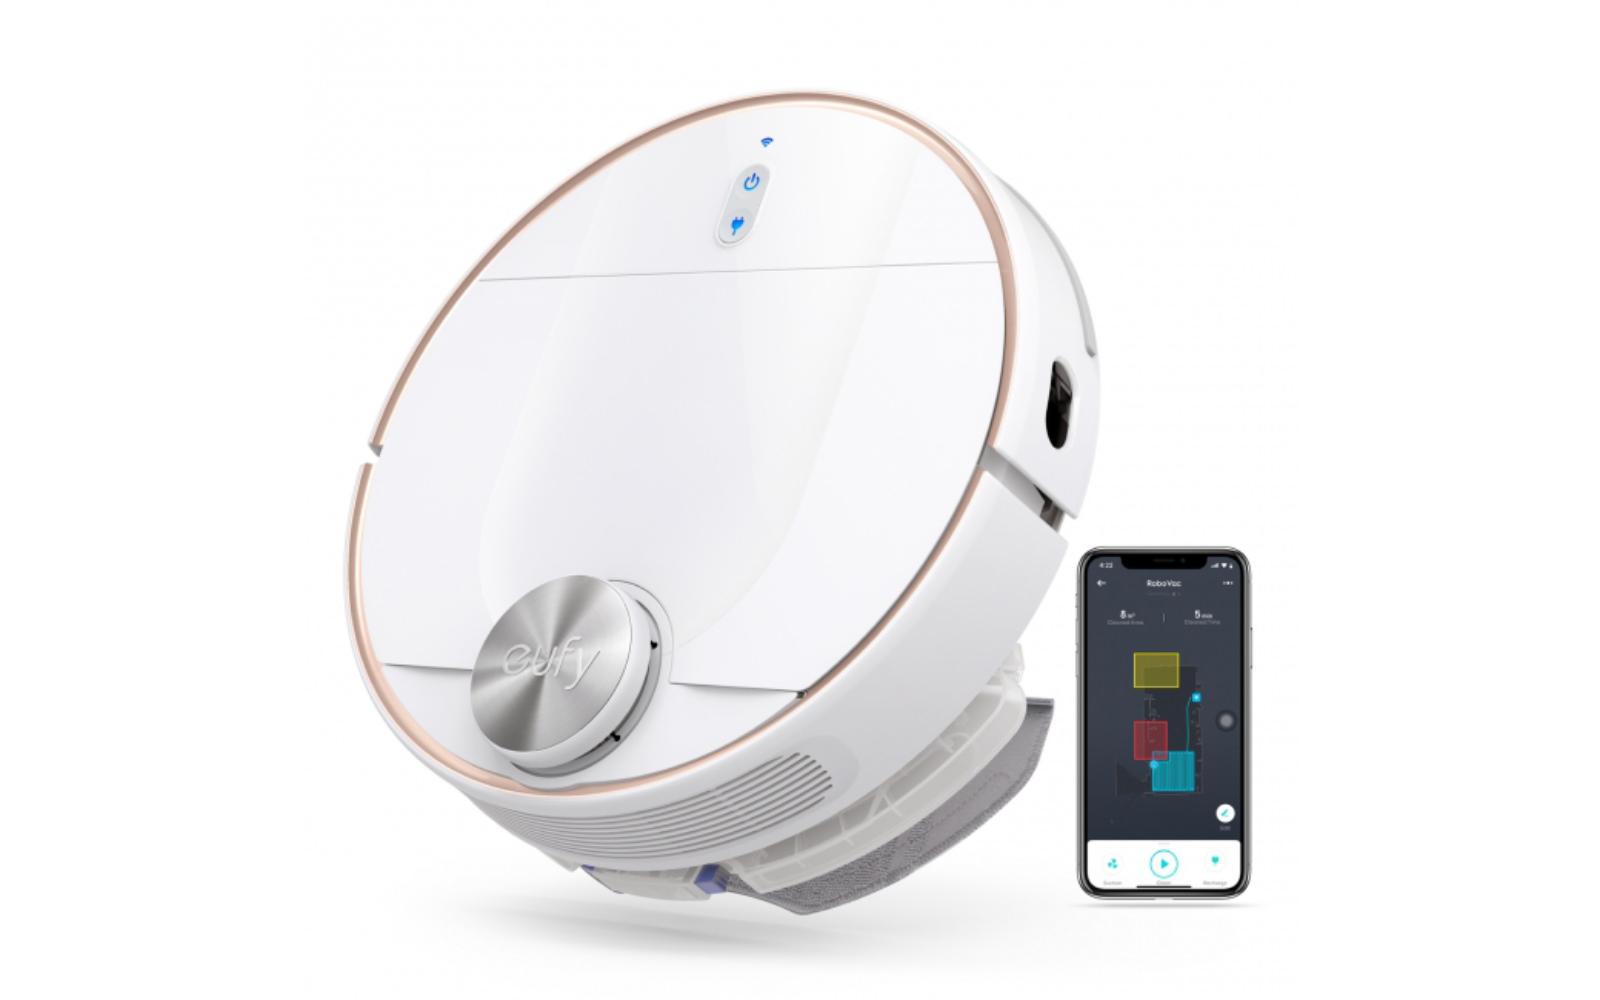 Eufy-RoboVac-L70-Hybrid.jpg